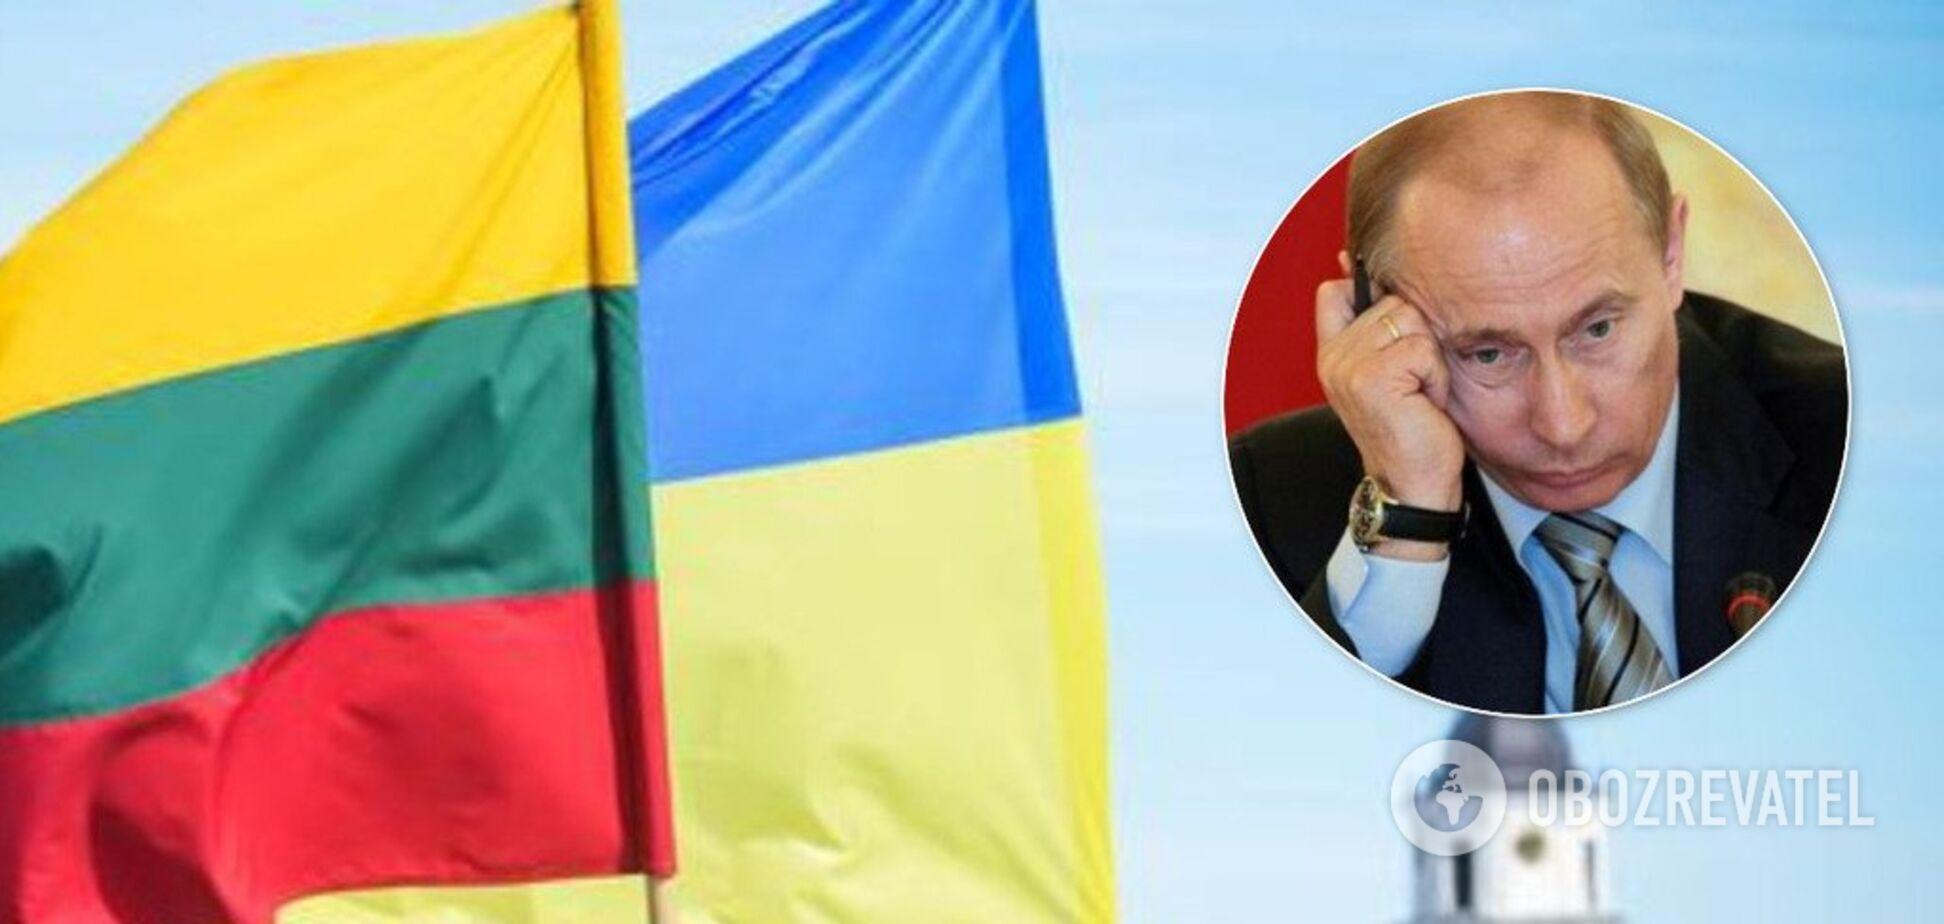 У Литві поставилиПутіна на місце перед самітом в Парижі